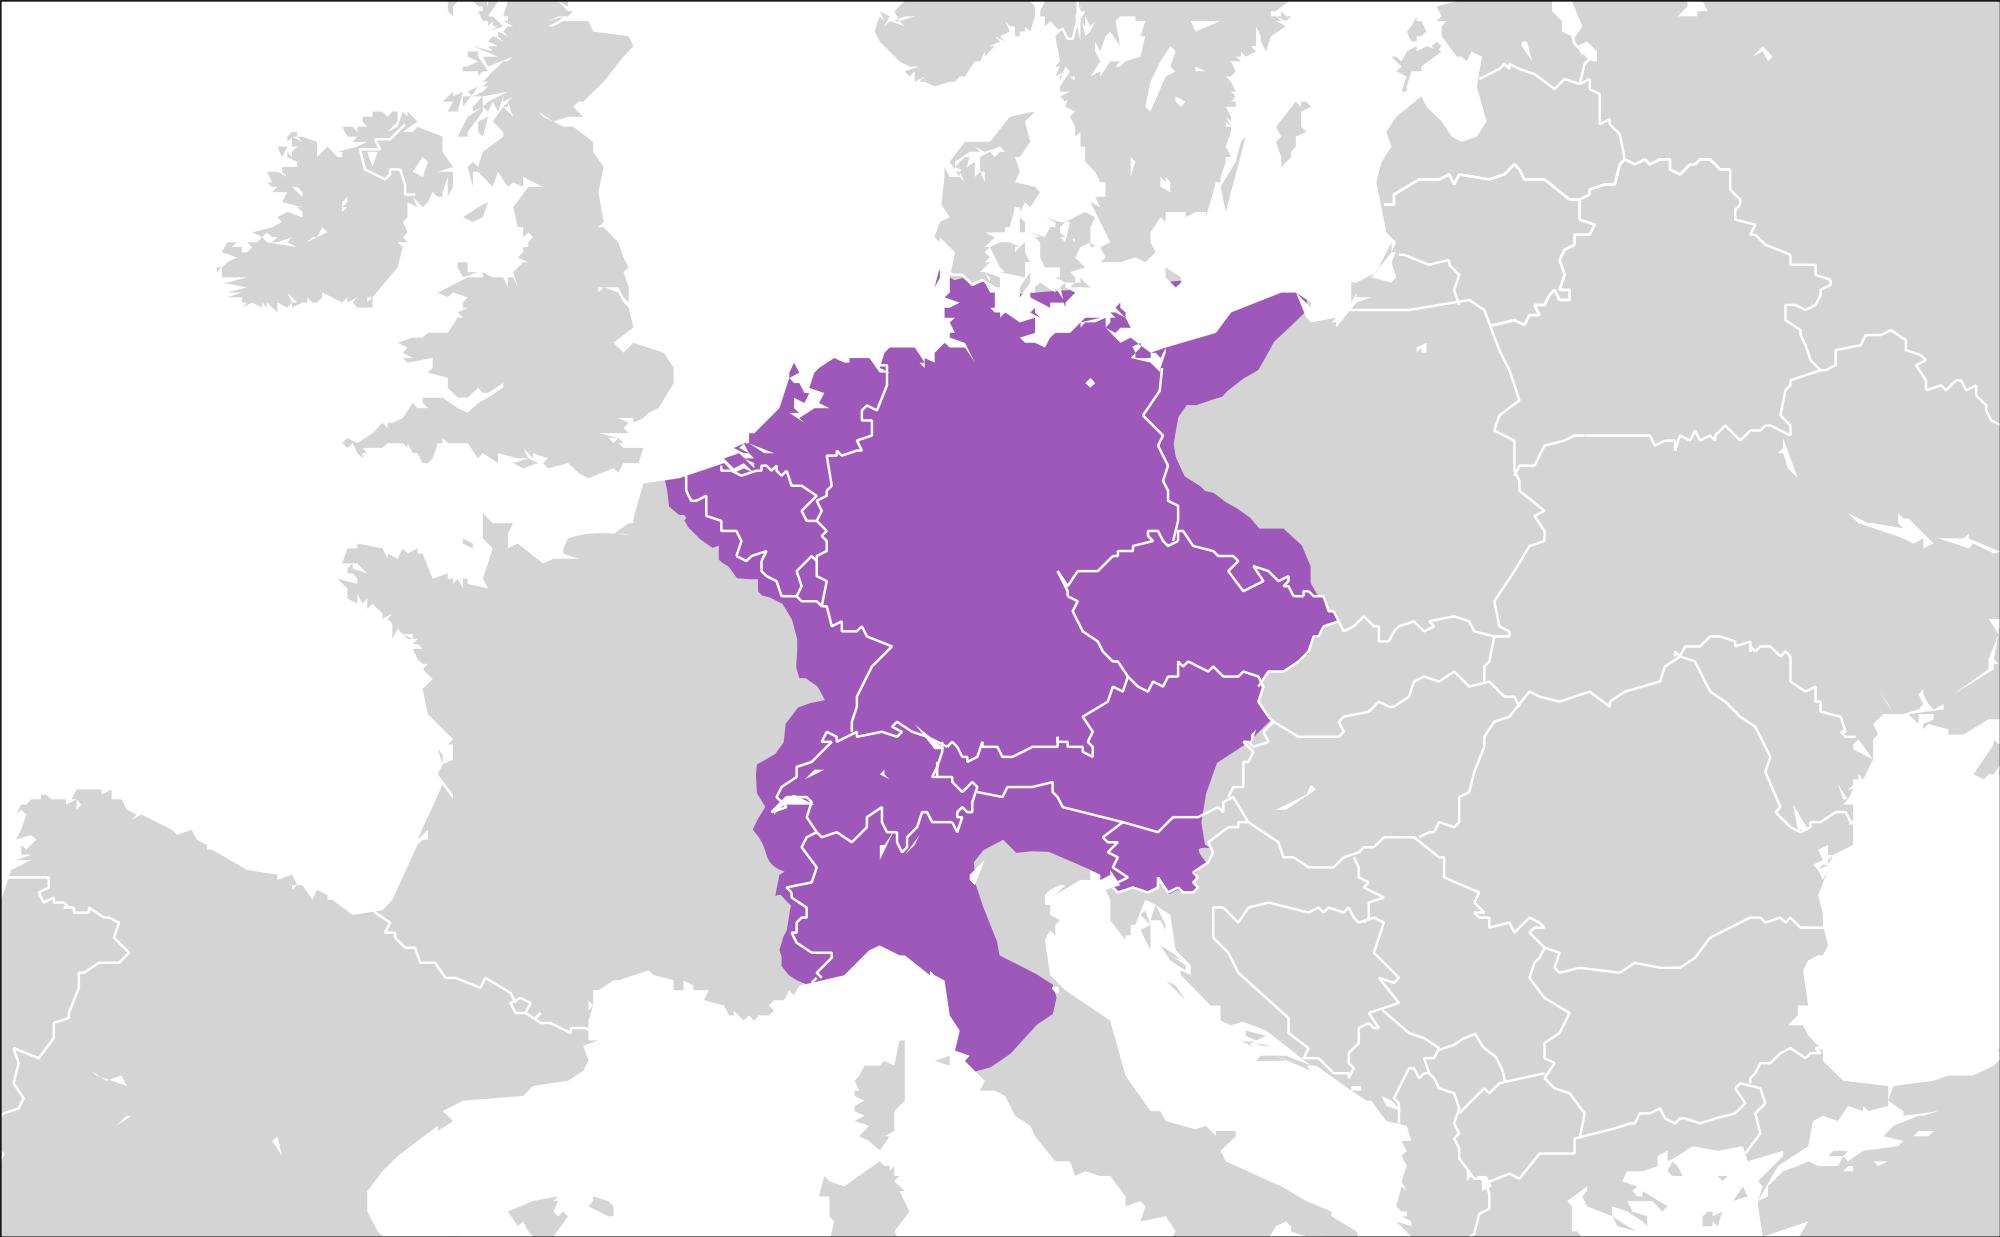 El Sacro Imperio Romano Germánico circa 1600